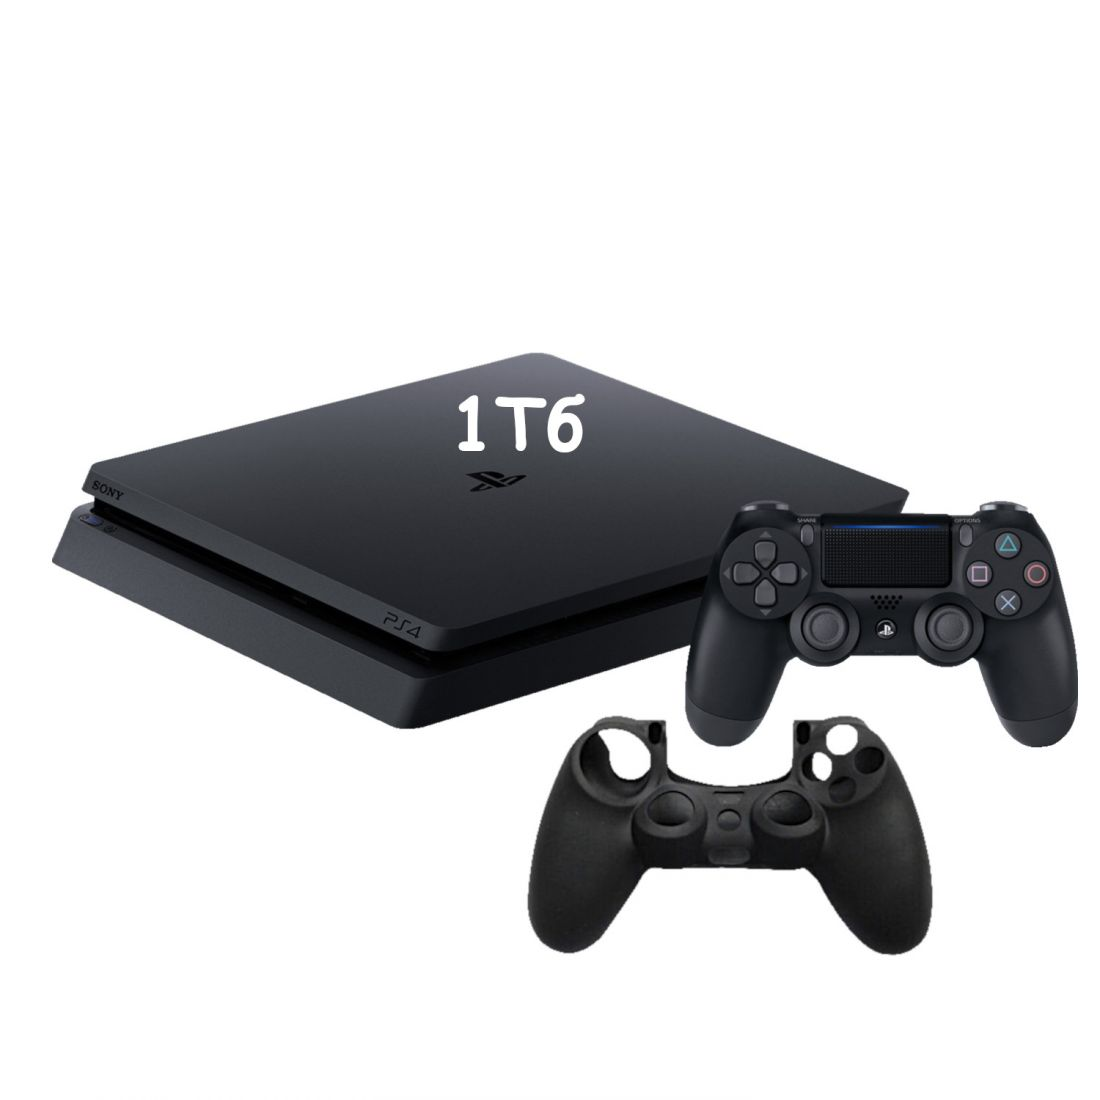 Sony PlayStation 4 Slim 1 Тб ( CUH-2208B ) + Защитный силиконовый чехол для джойстика